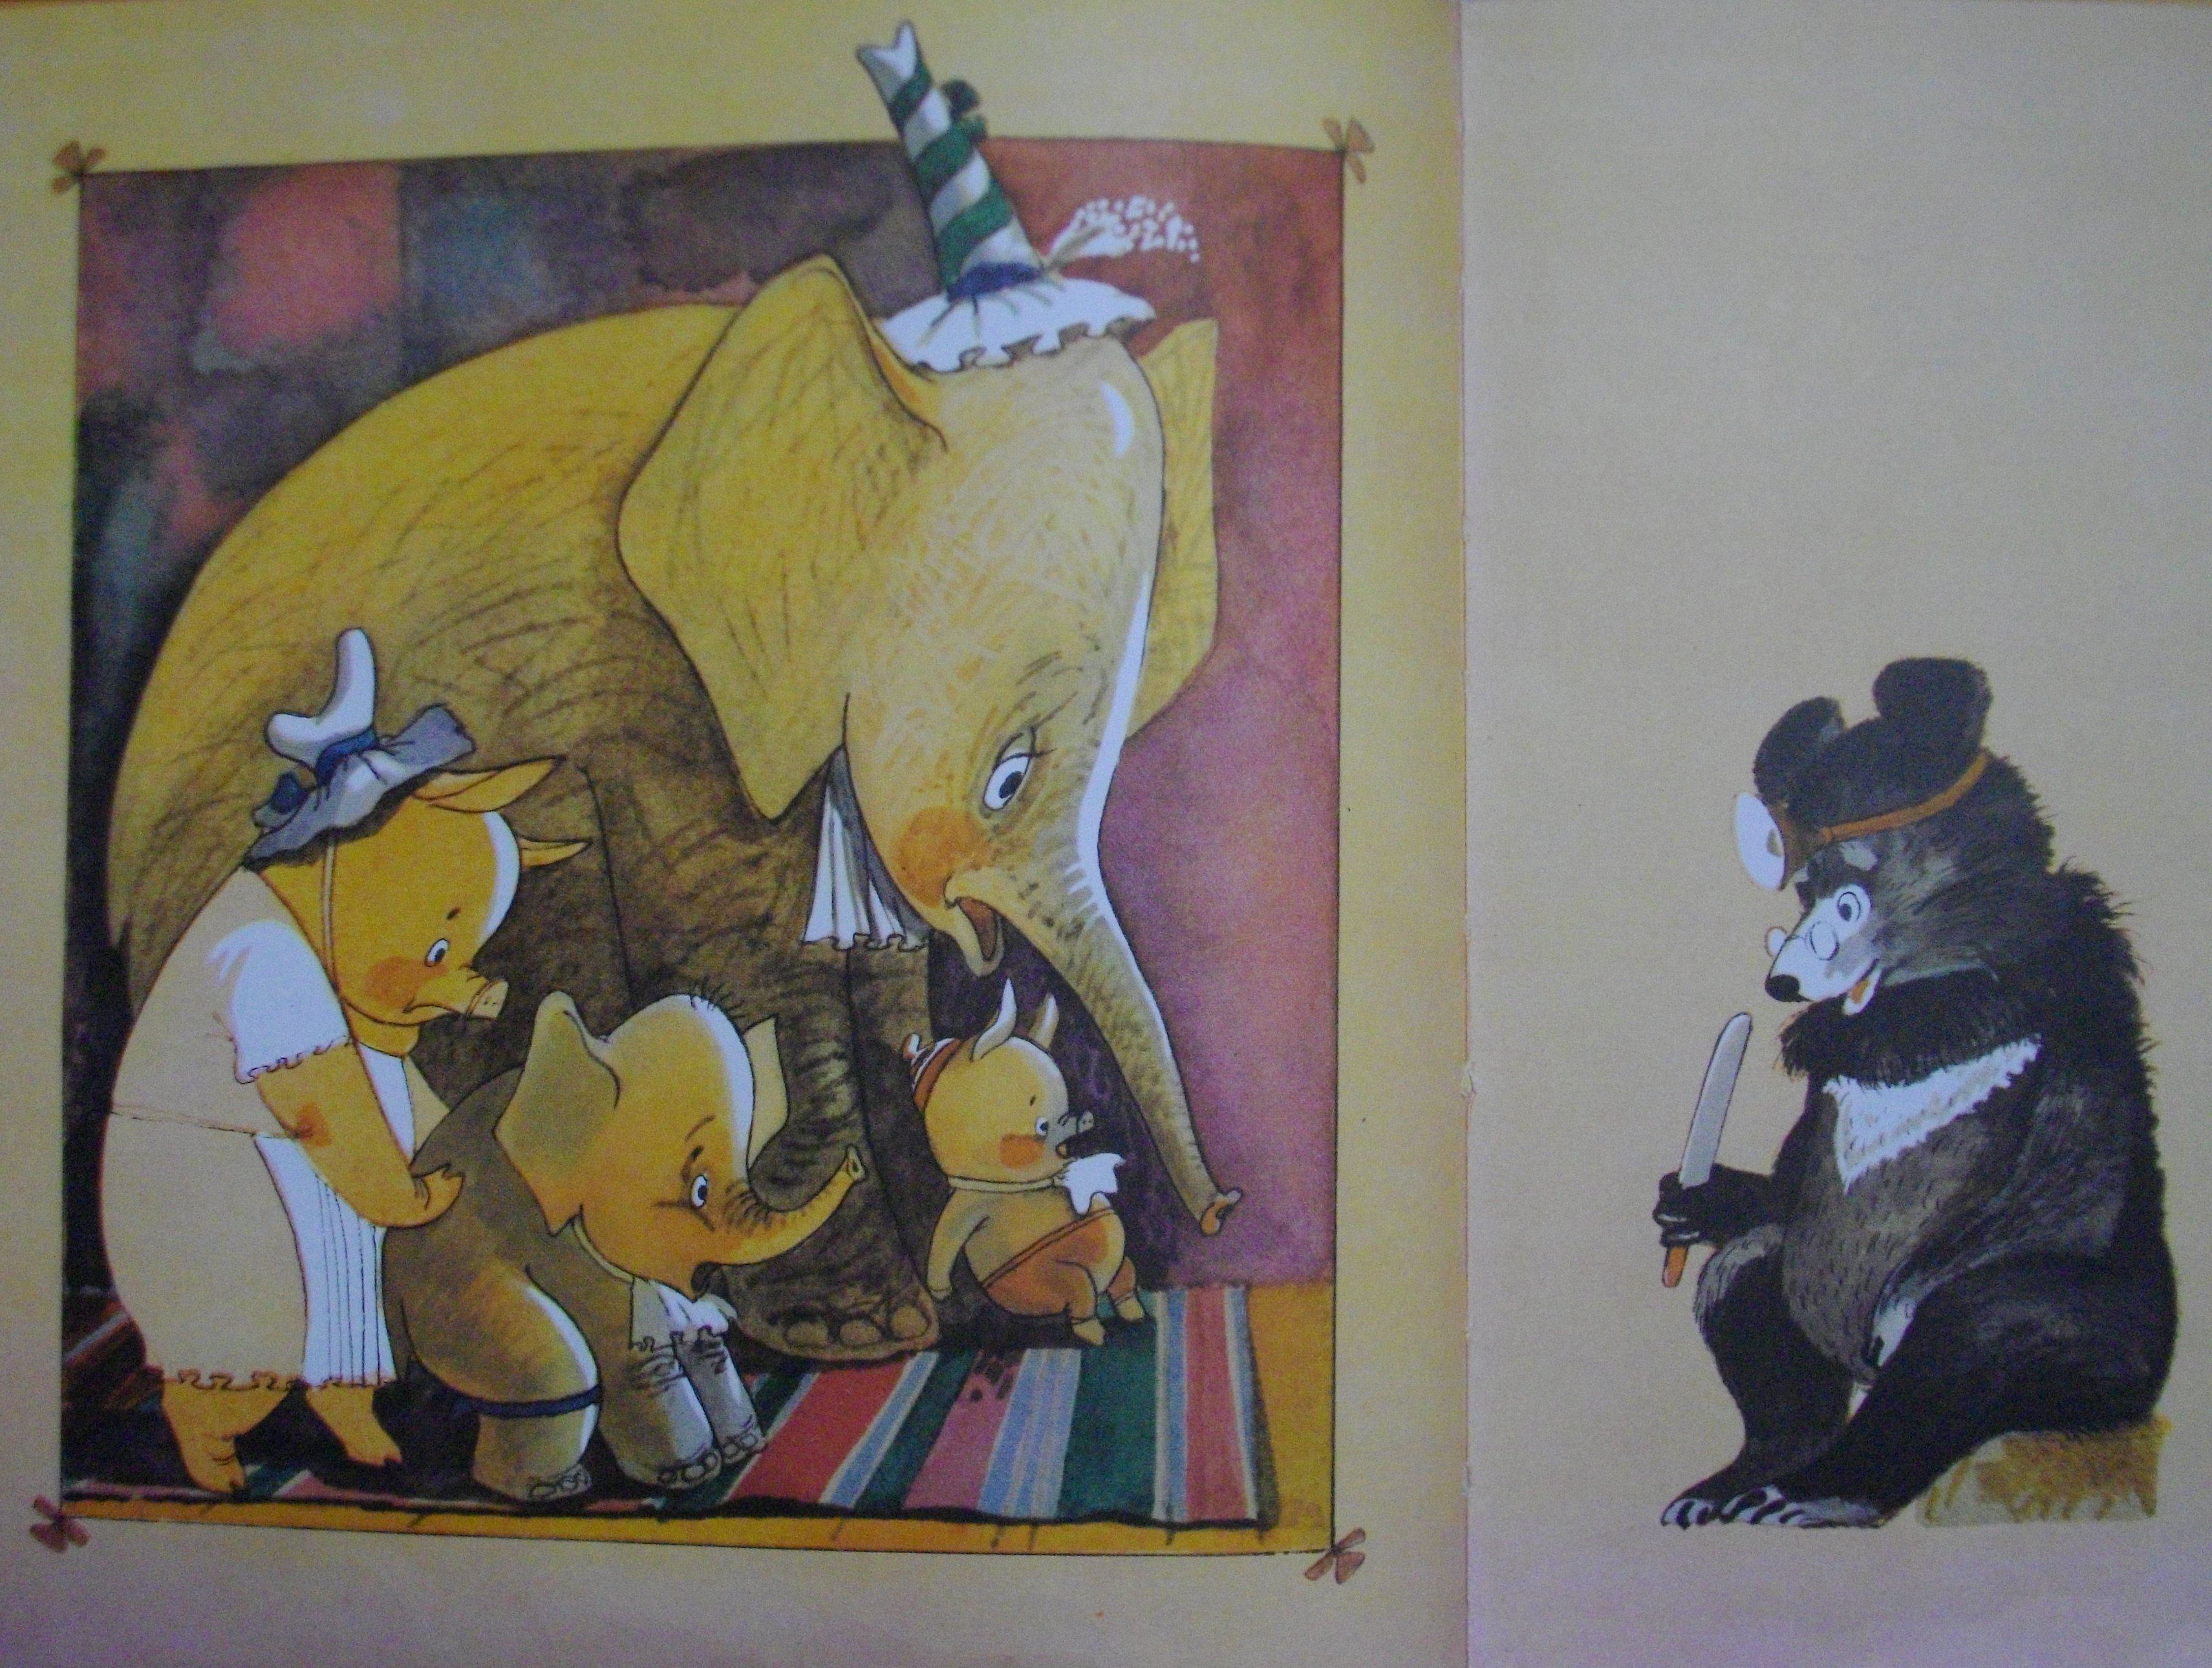 Слониха и Свинья детей и повели детей в больницу к доктору Медведю, который был подслеповат